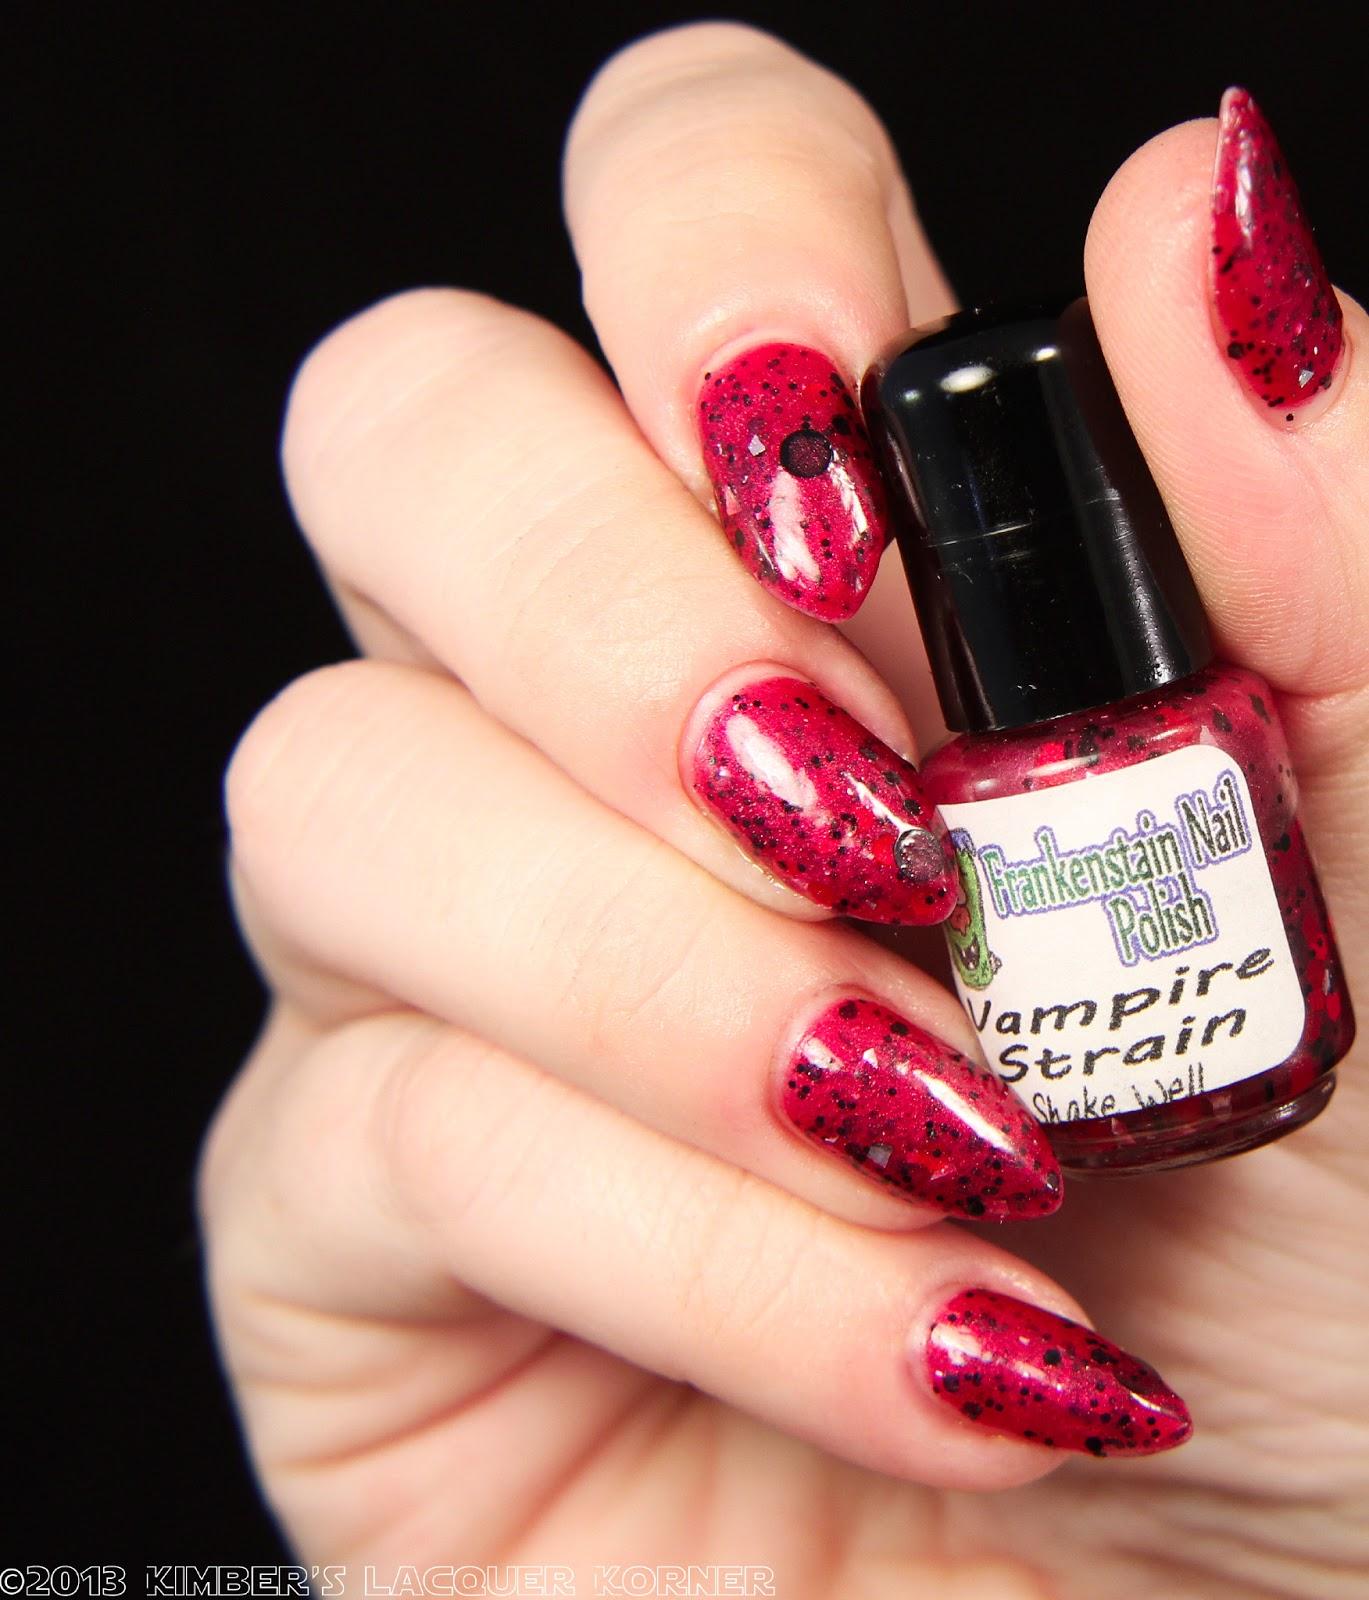 Vampire Nail Polish: Makeup HD: Frankenstain Nail Polish